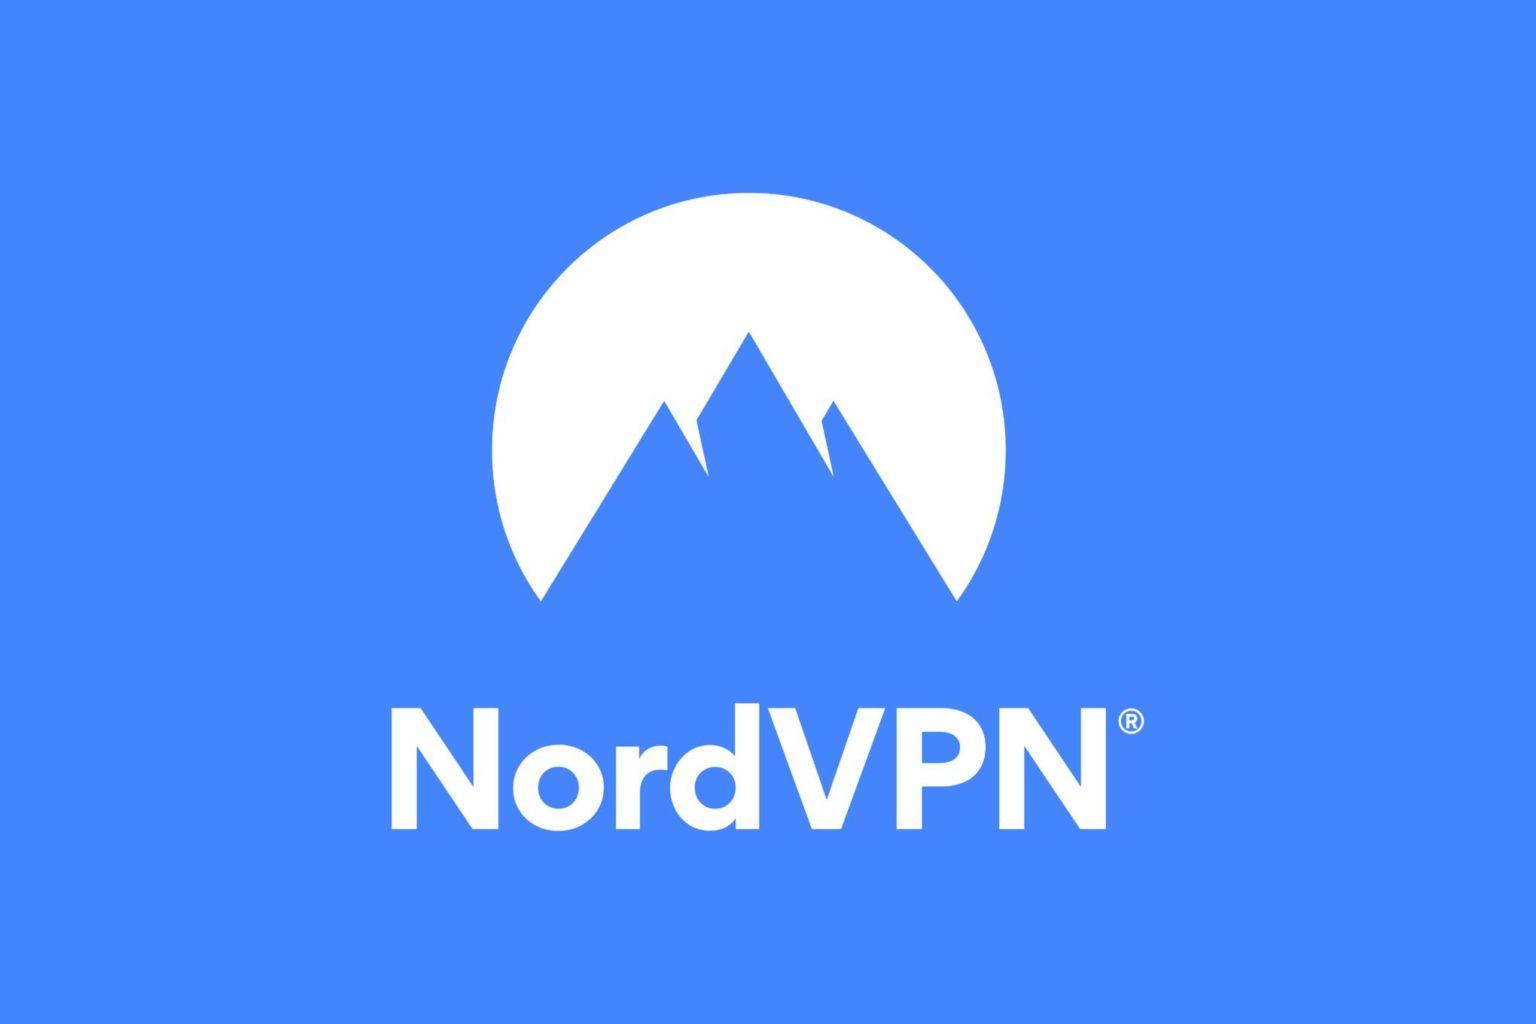 x50 NordVPN প্রিমিয়াম একাউন্ট নিয়ে নিন ফ্রিতে